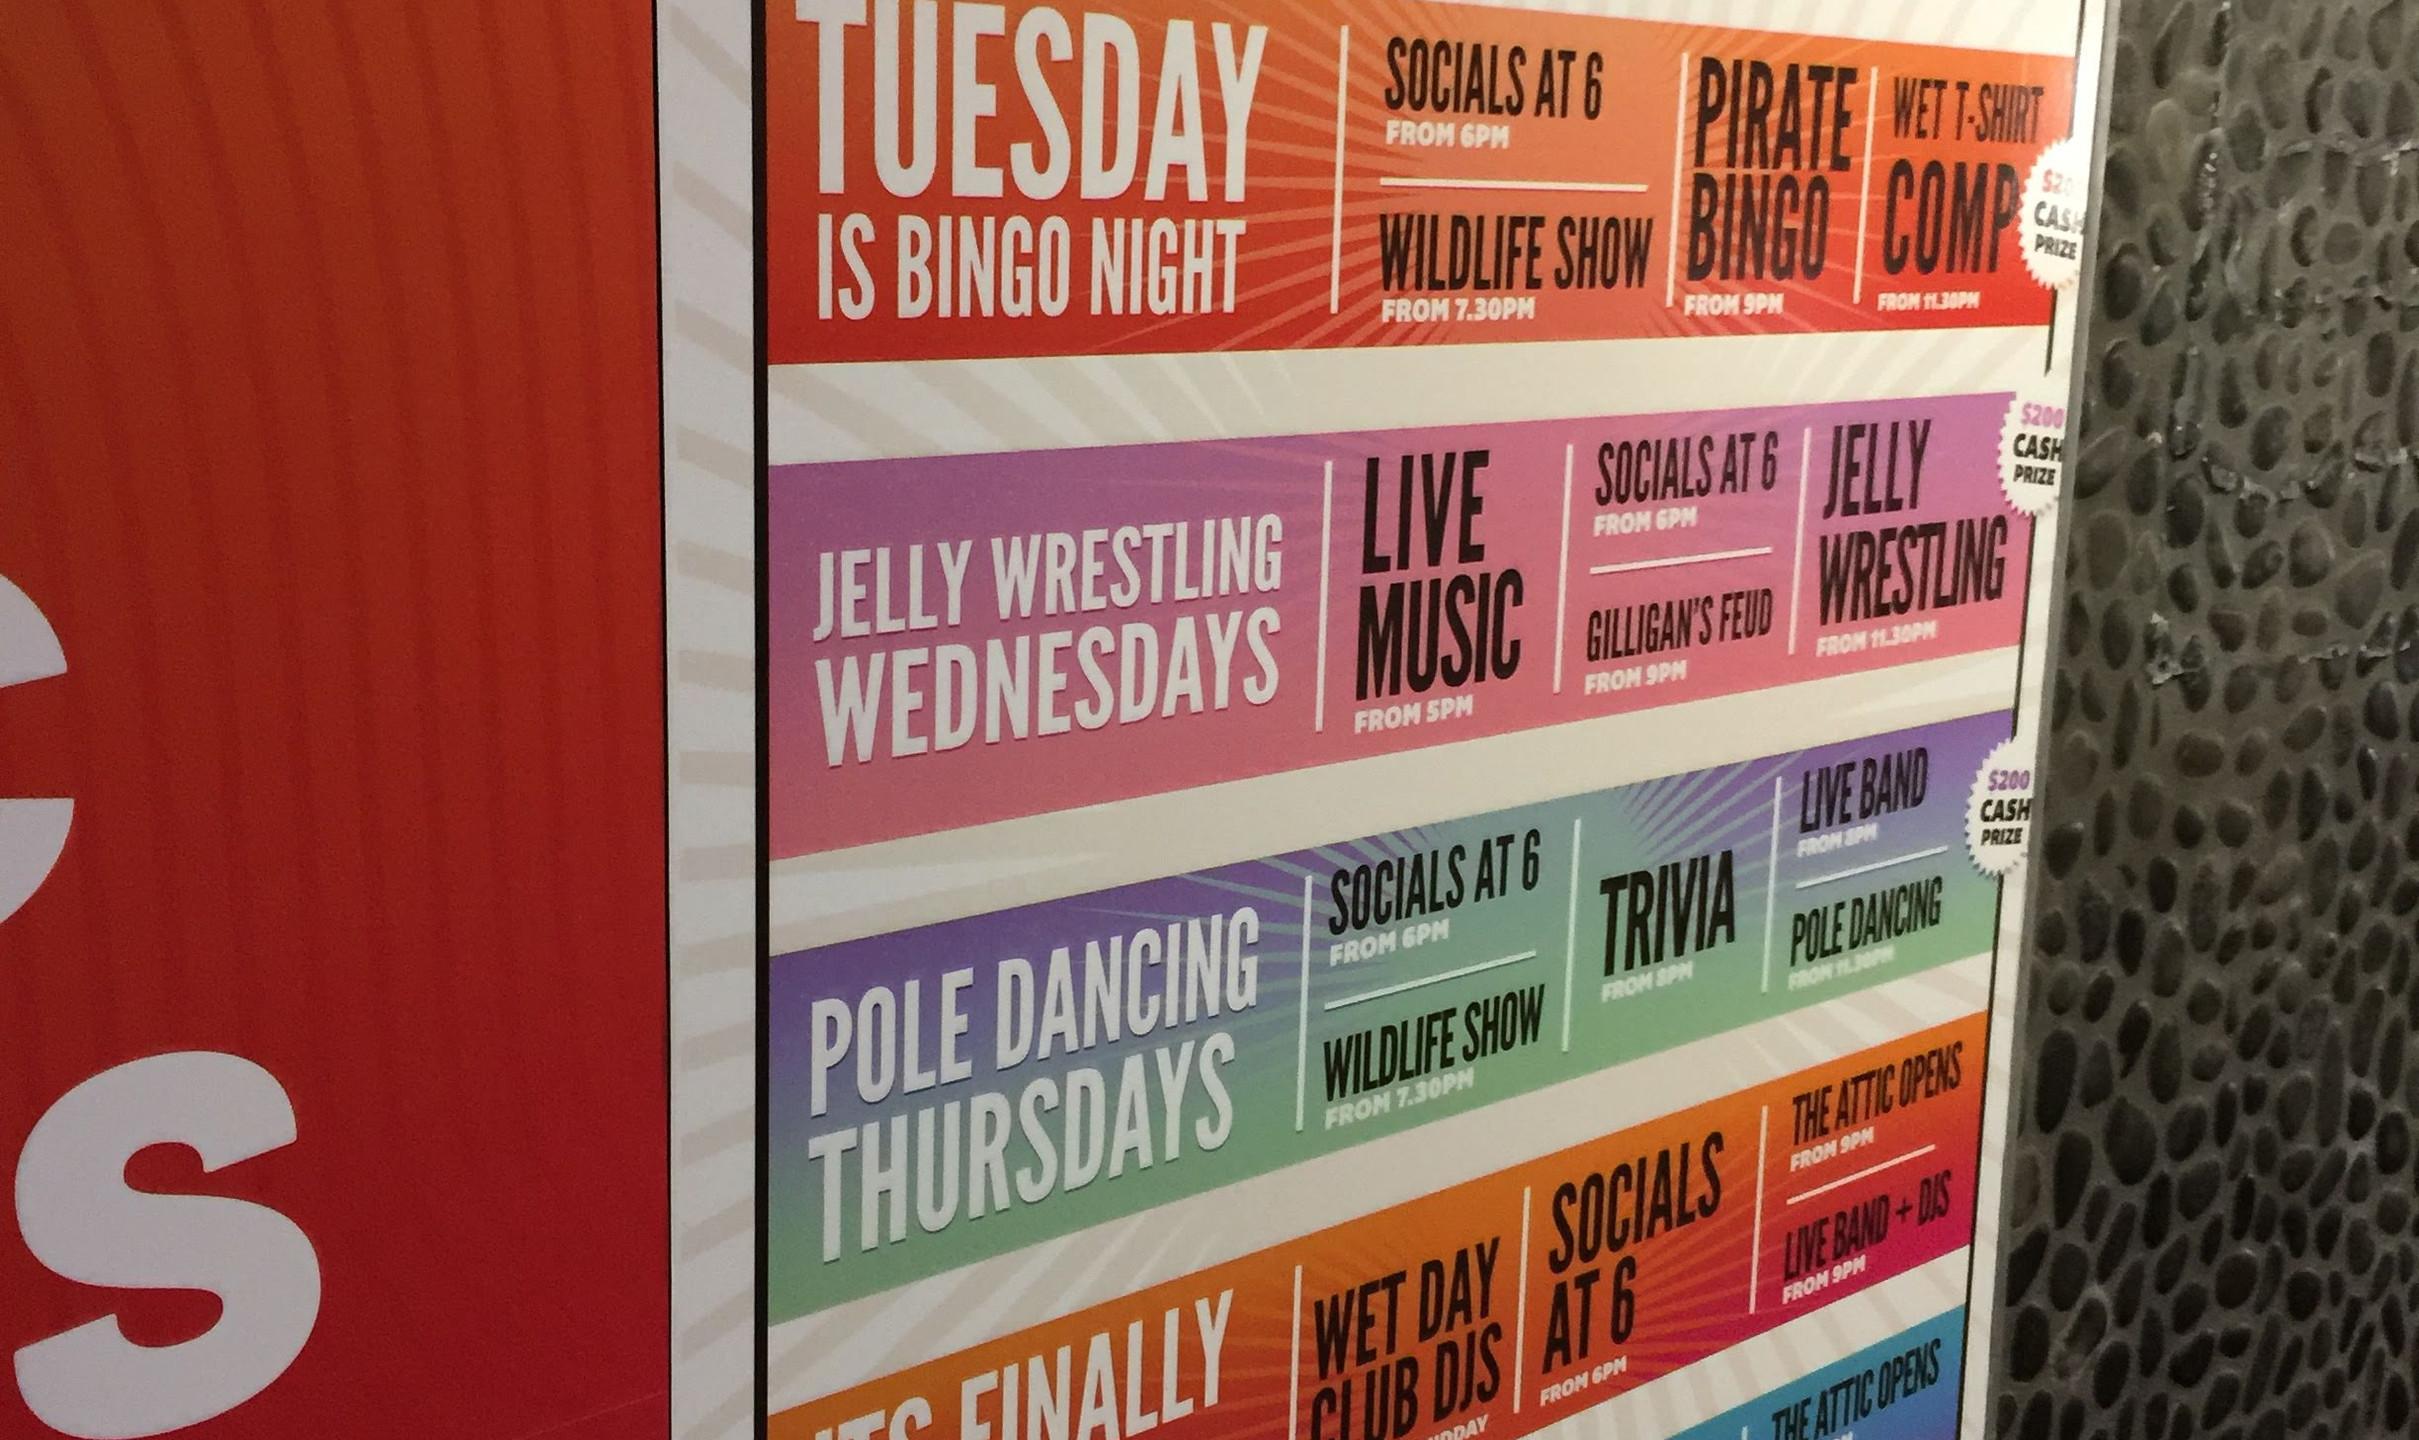 Gilligan's Weekly Activities